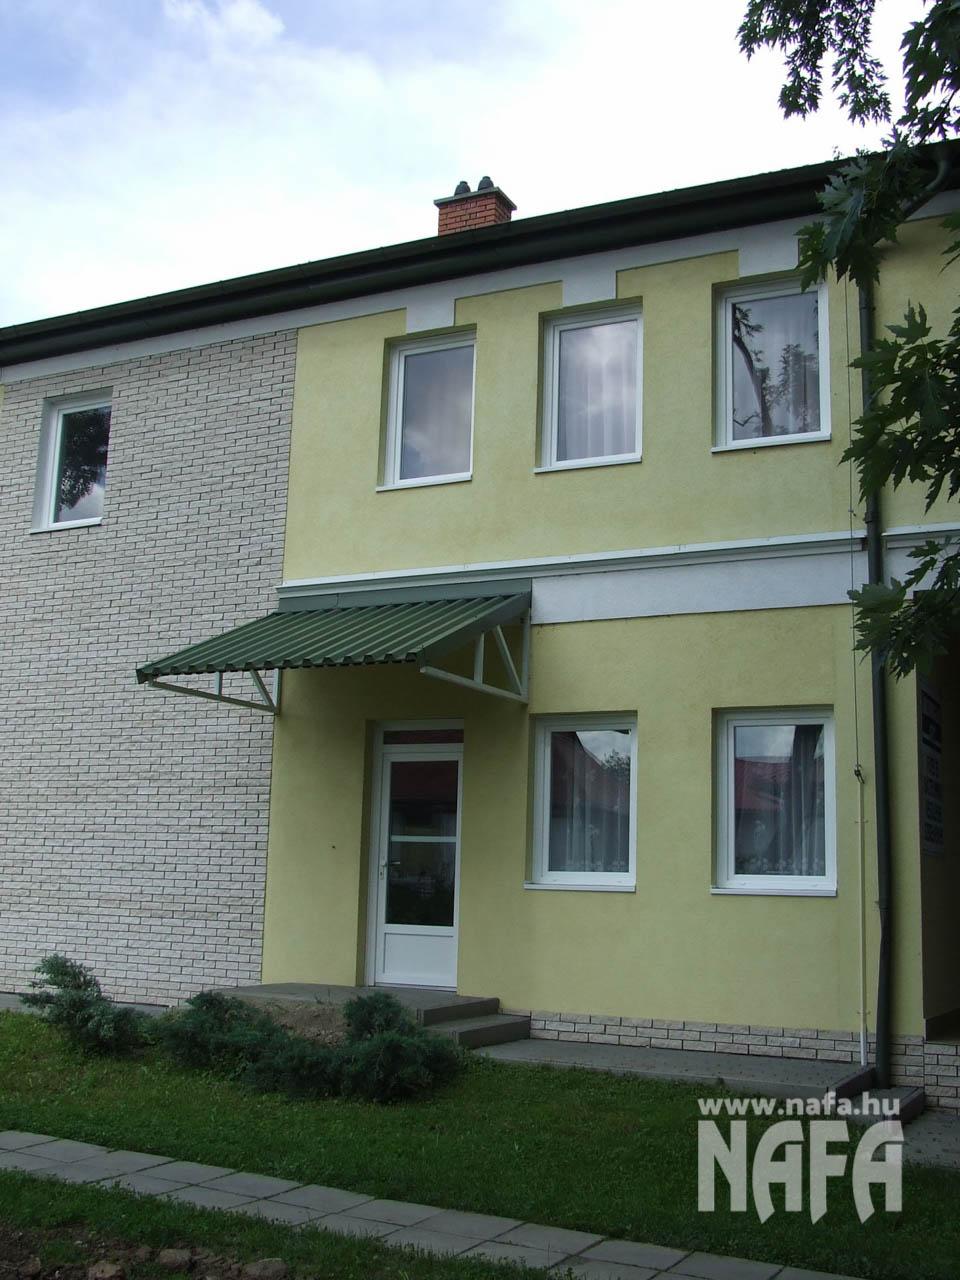 Műanyag nyílászárók, egyedi ablakok és ajtók, Kaposvár Irodaház